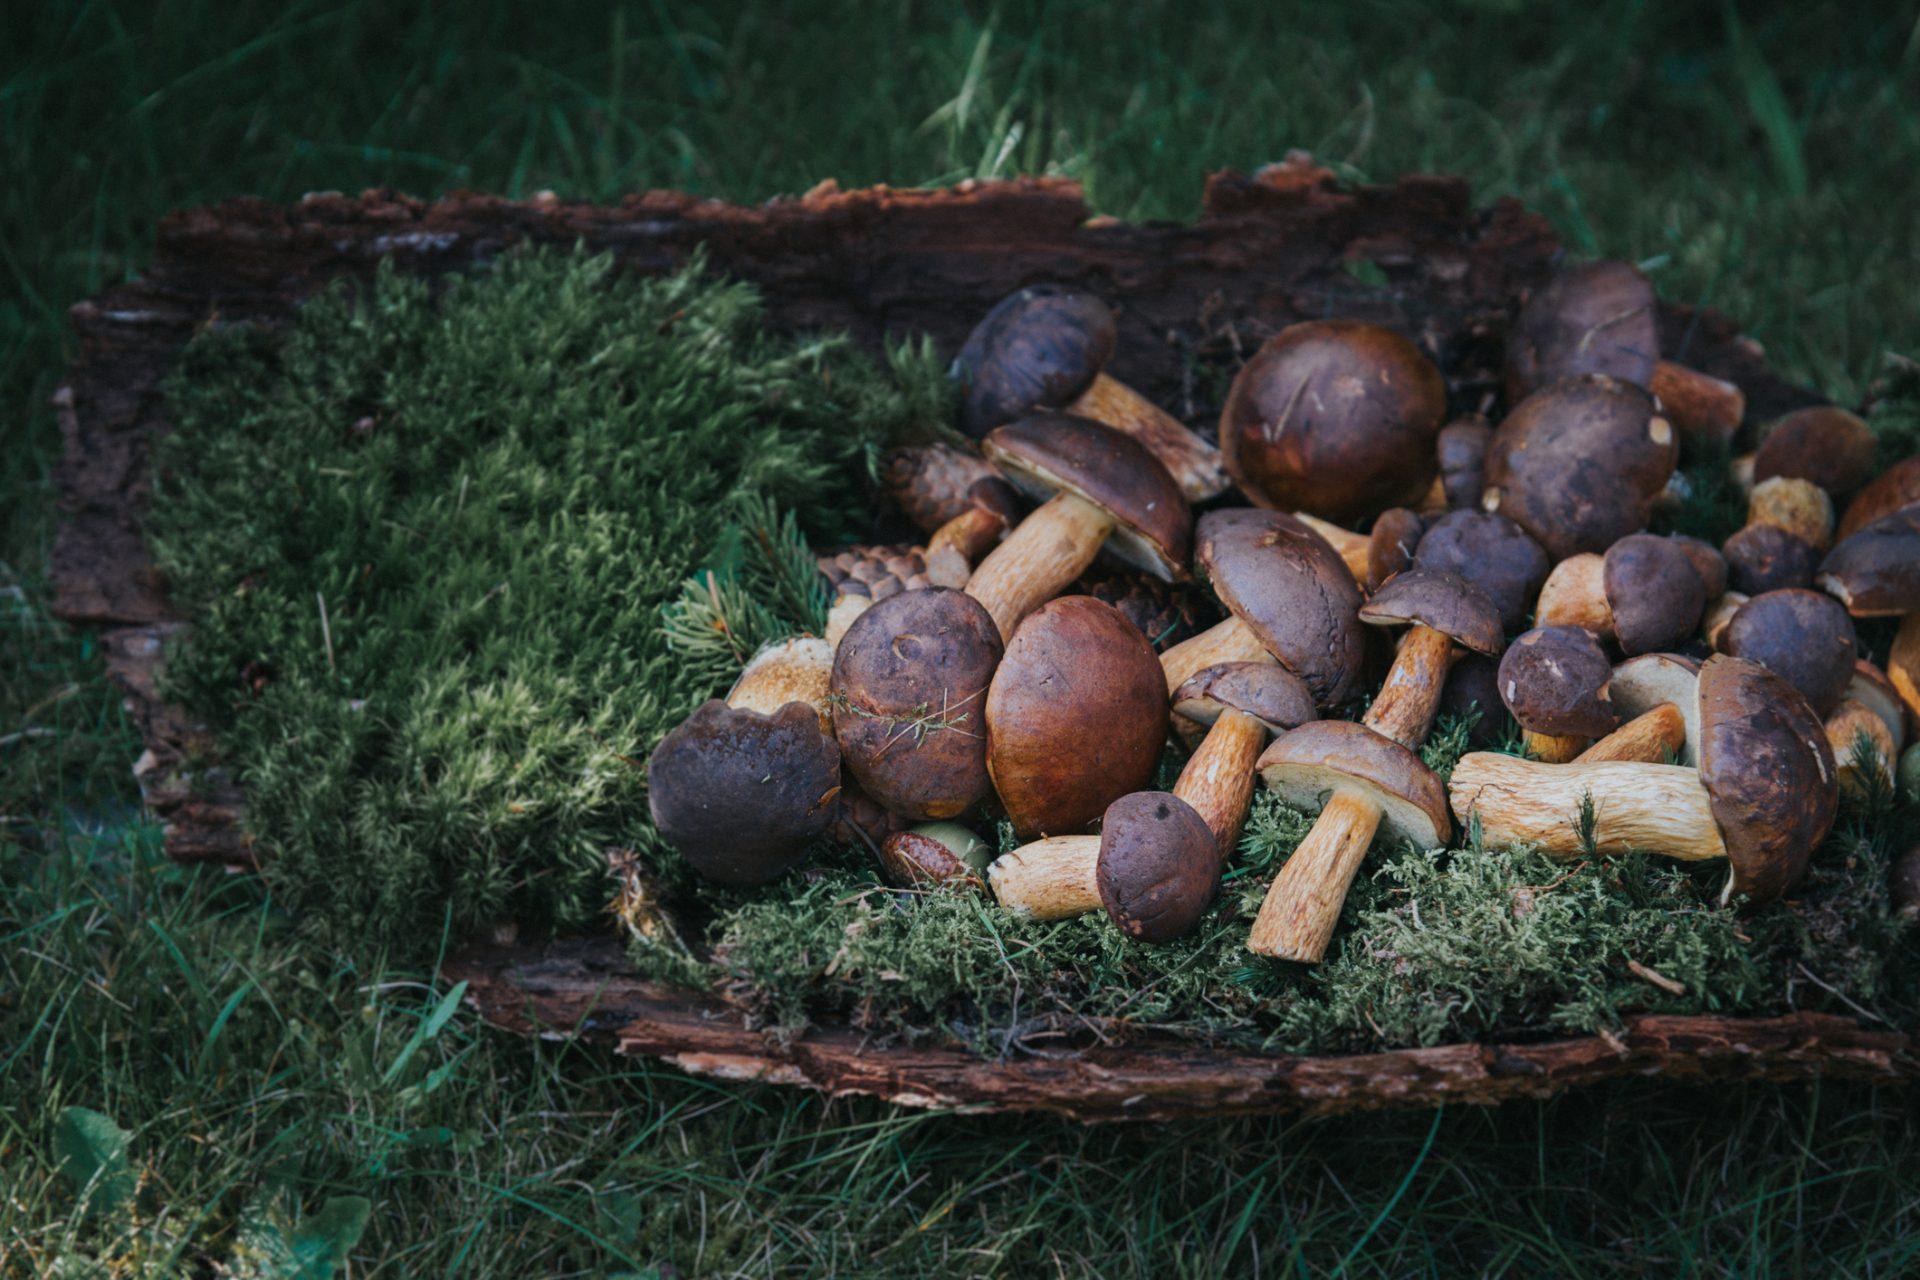 many fresh mushrooms, chestnuts